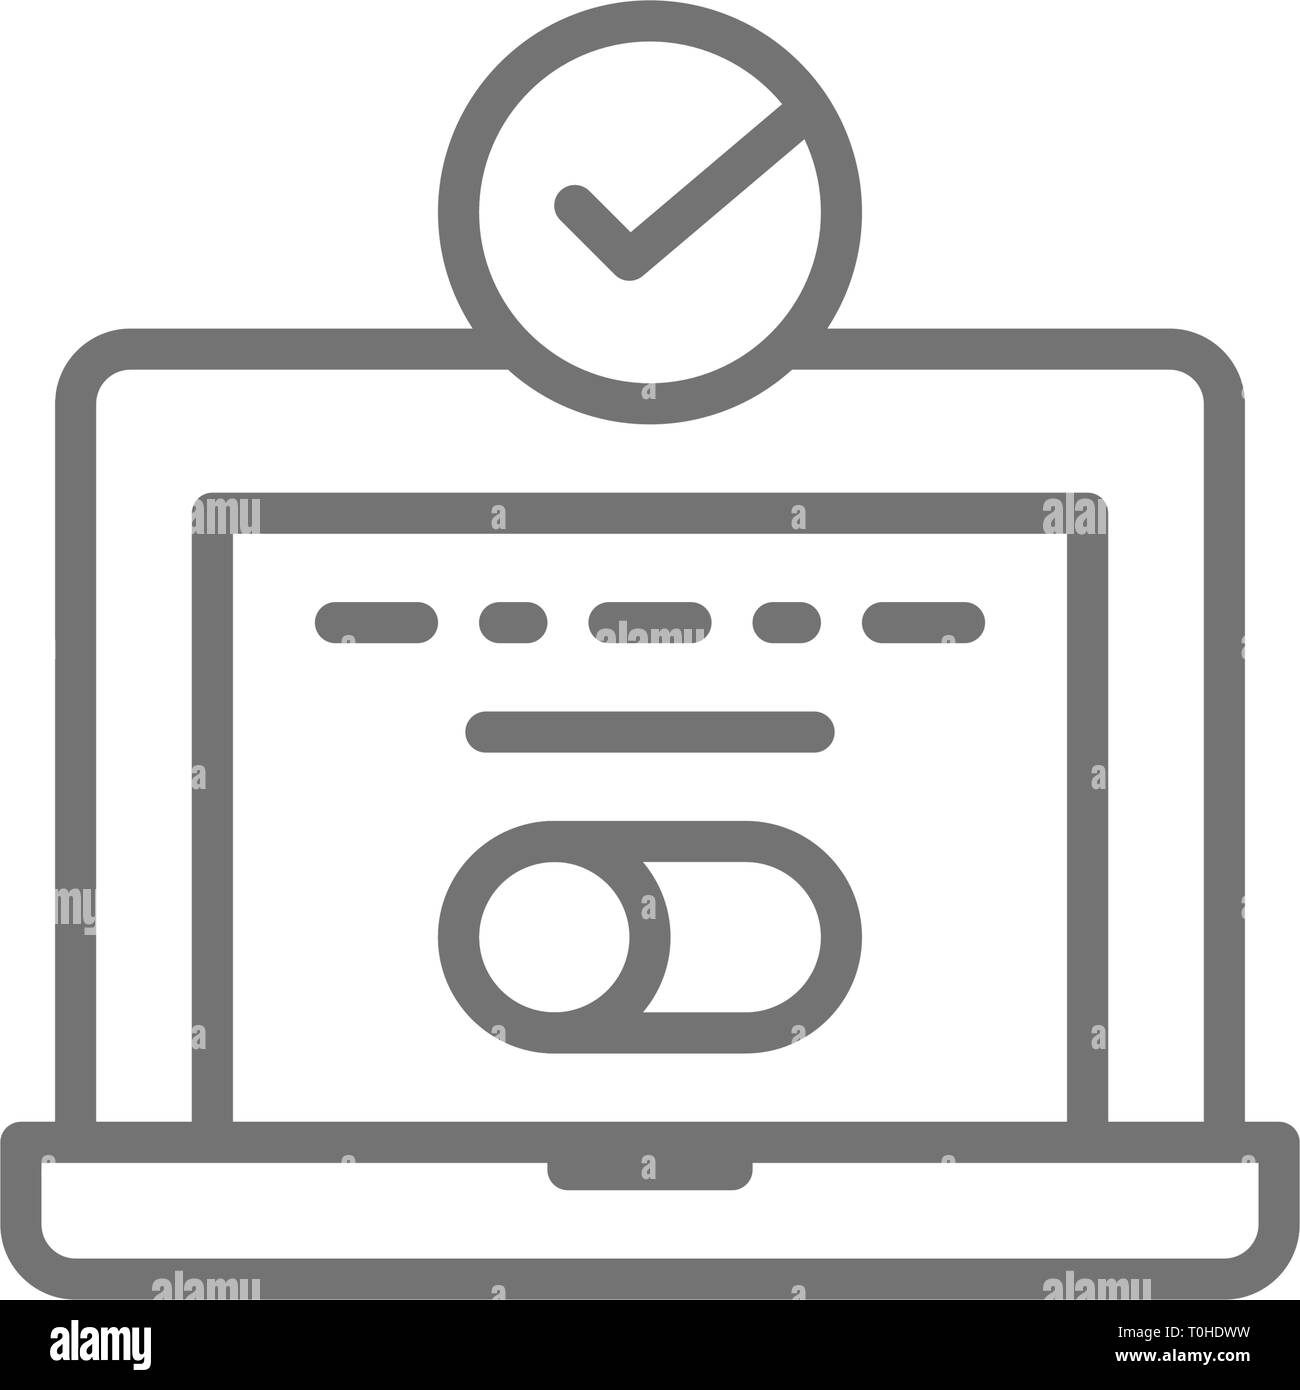 Anmeldung am System, Laptop mit Haken, computer Passwort Überprüfung, benutzerberechtigung Symbol Leitung. Stock Vektor